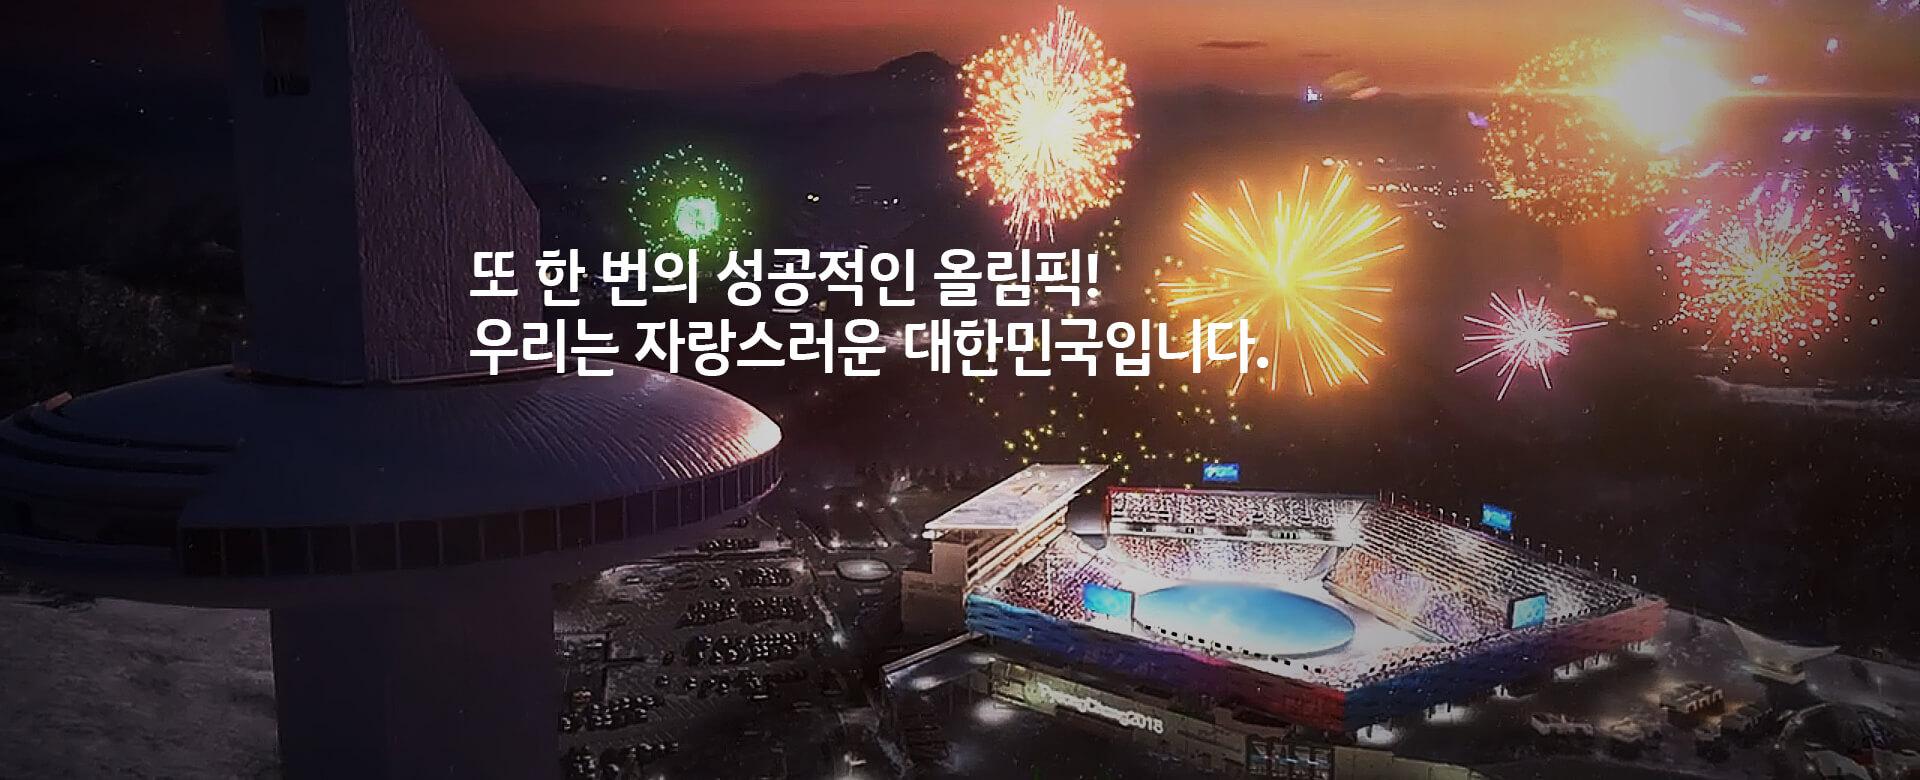 또 한번 의 성공적인 올림픽! 우리는 자랑스러운 대한민국입니다.